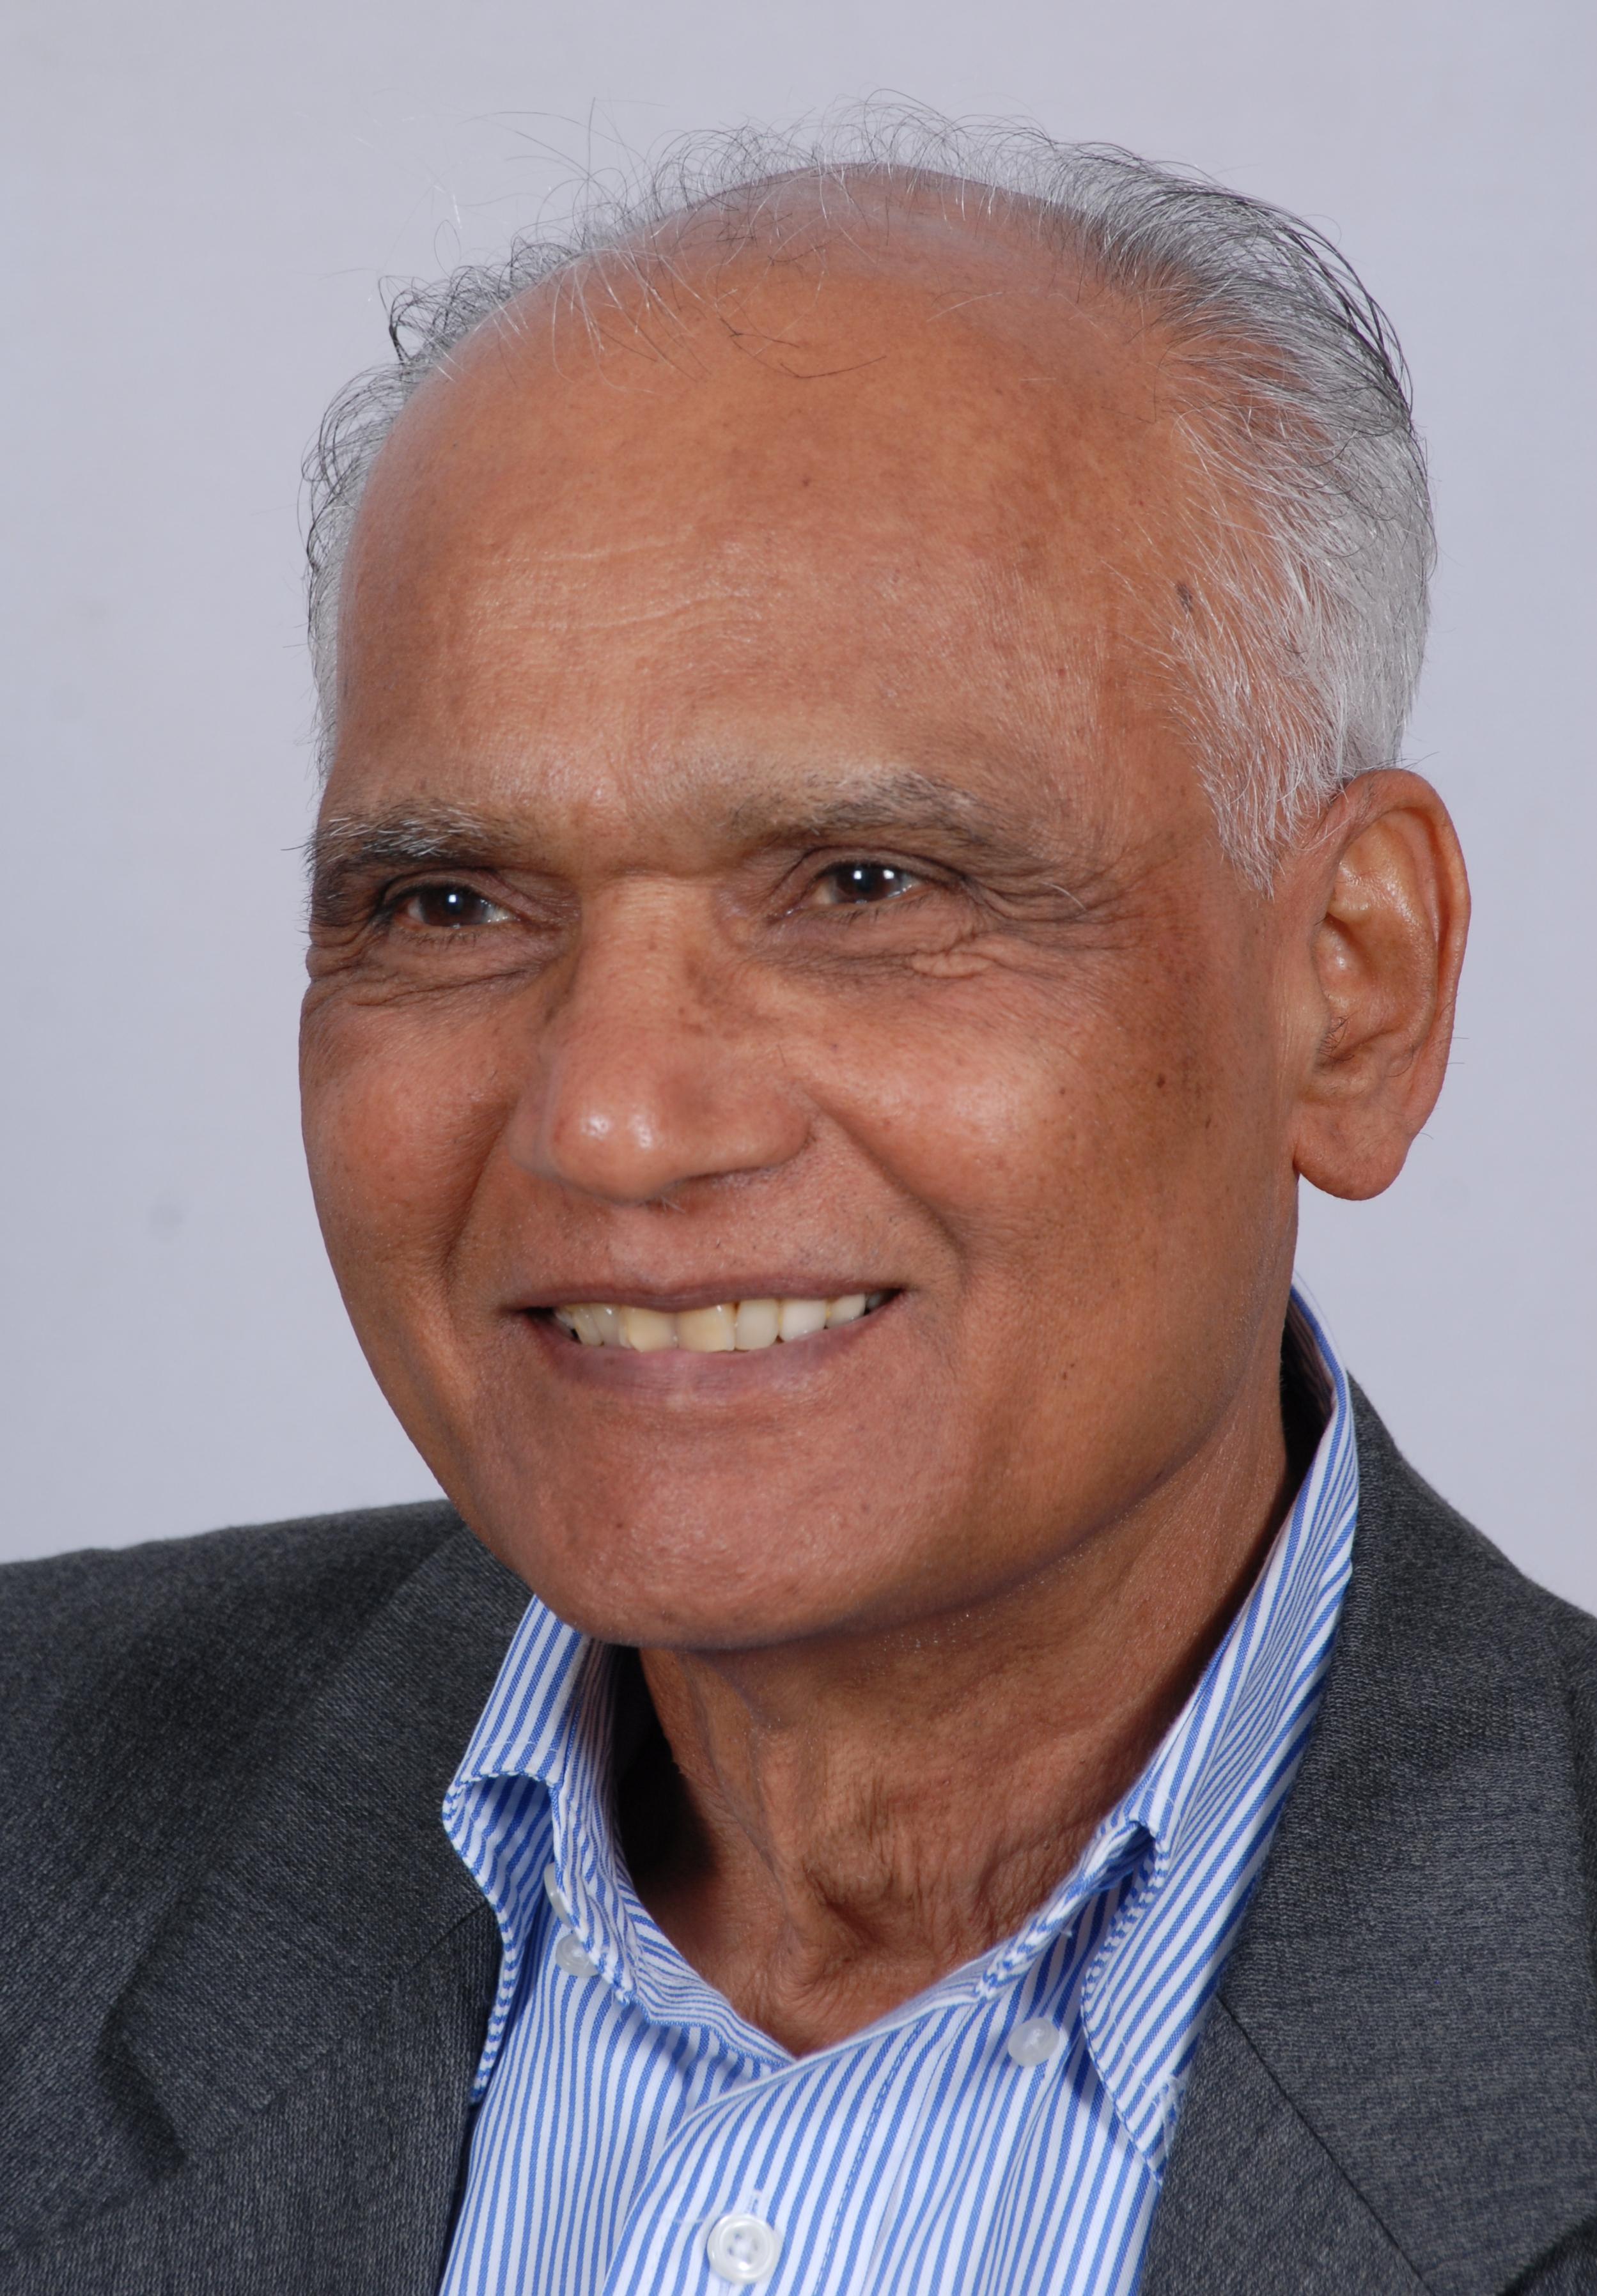 ಎಸ್.ಎಲ್. ಭೈರಪ್ಪ - ವಿಕಿಪೀಡಿಯ